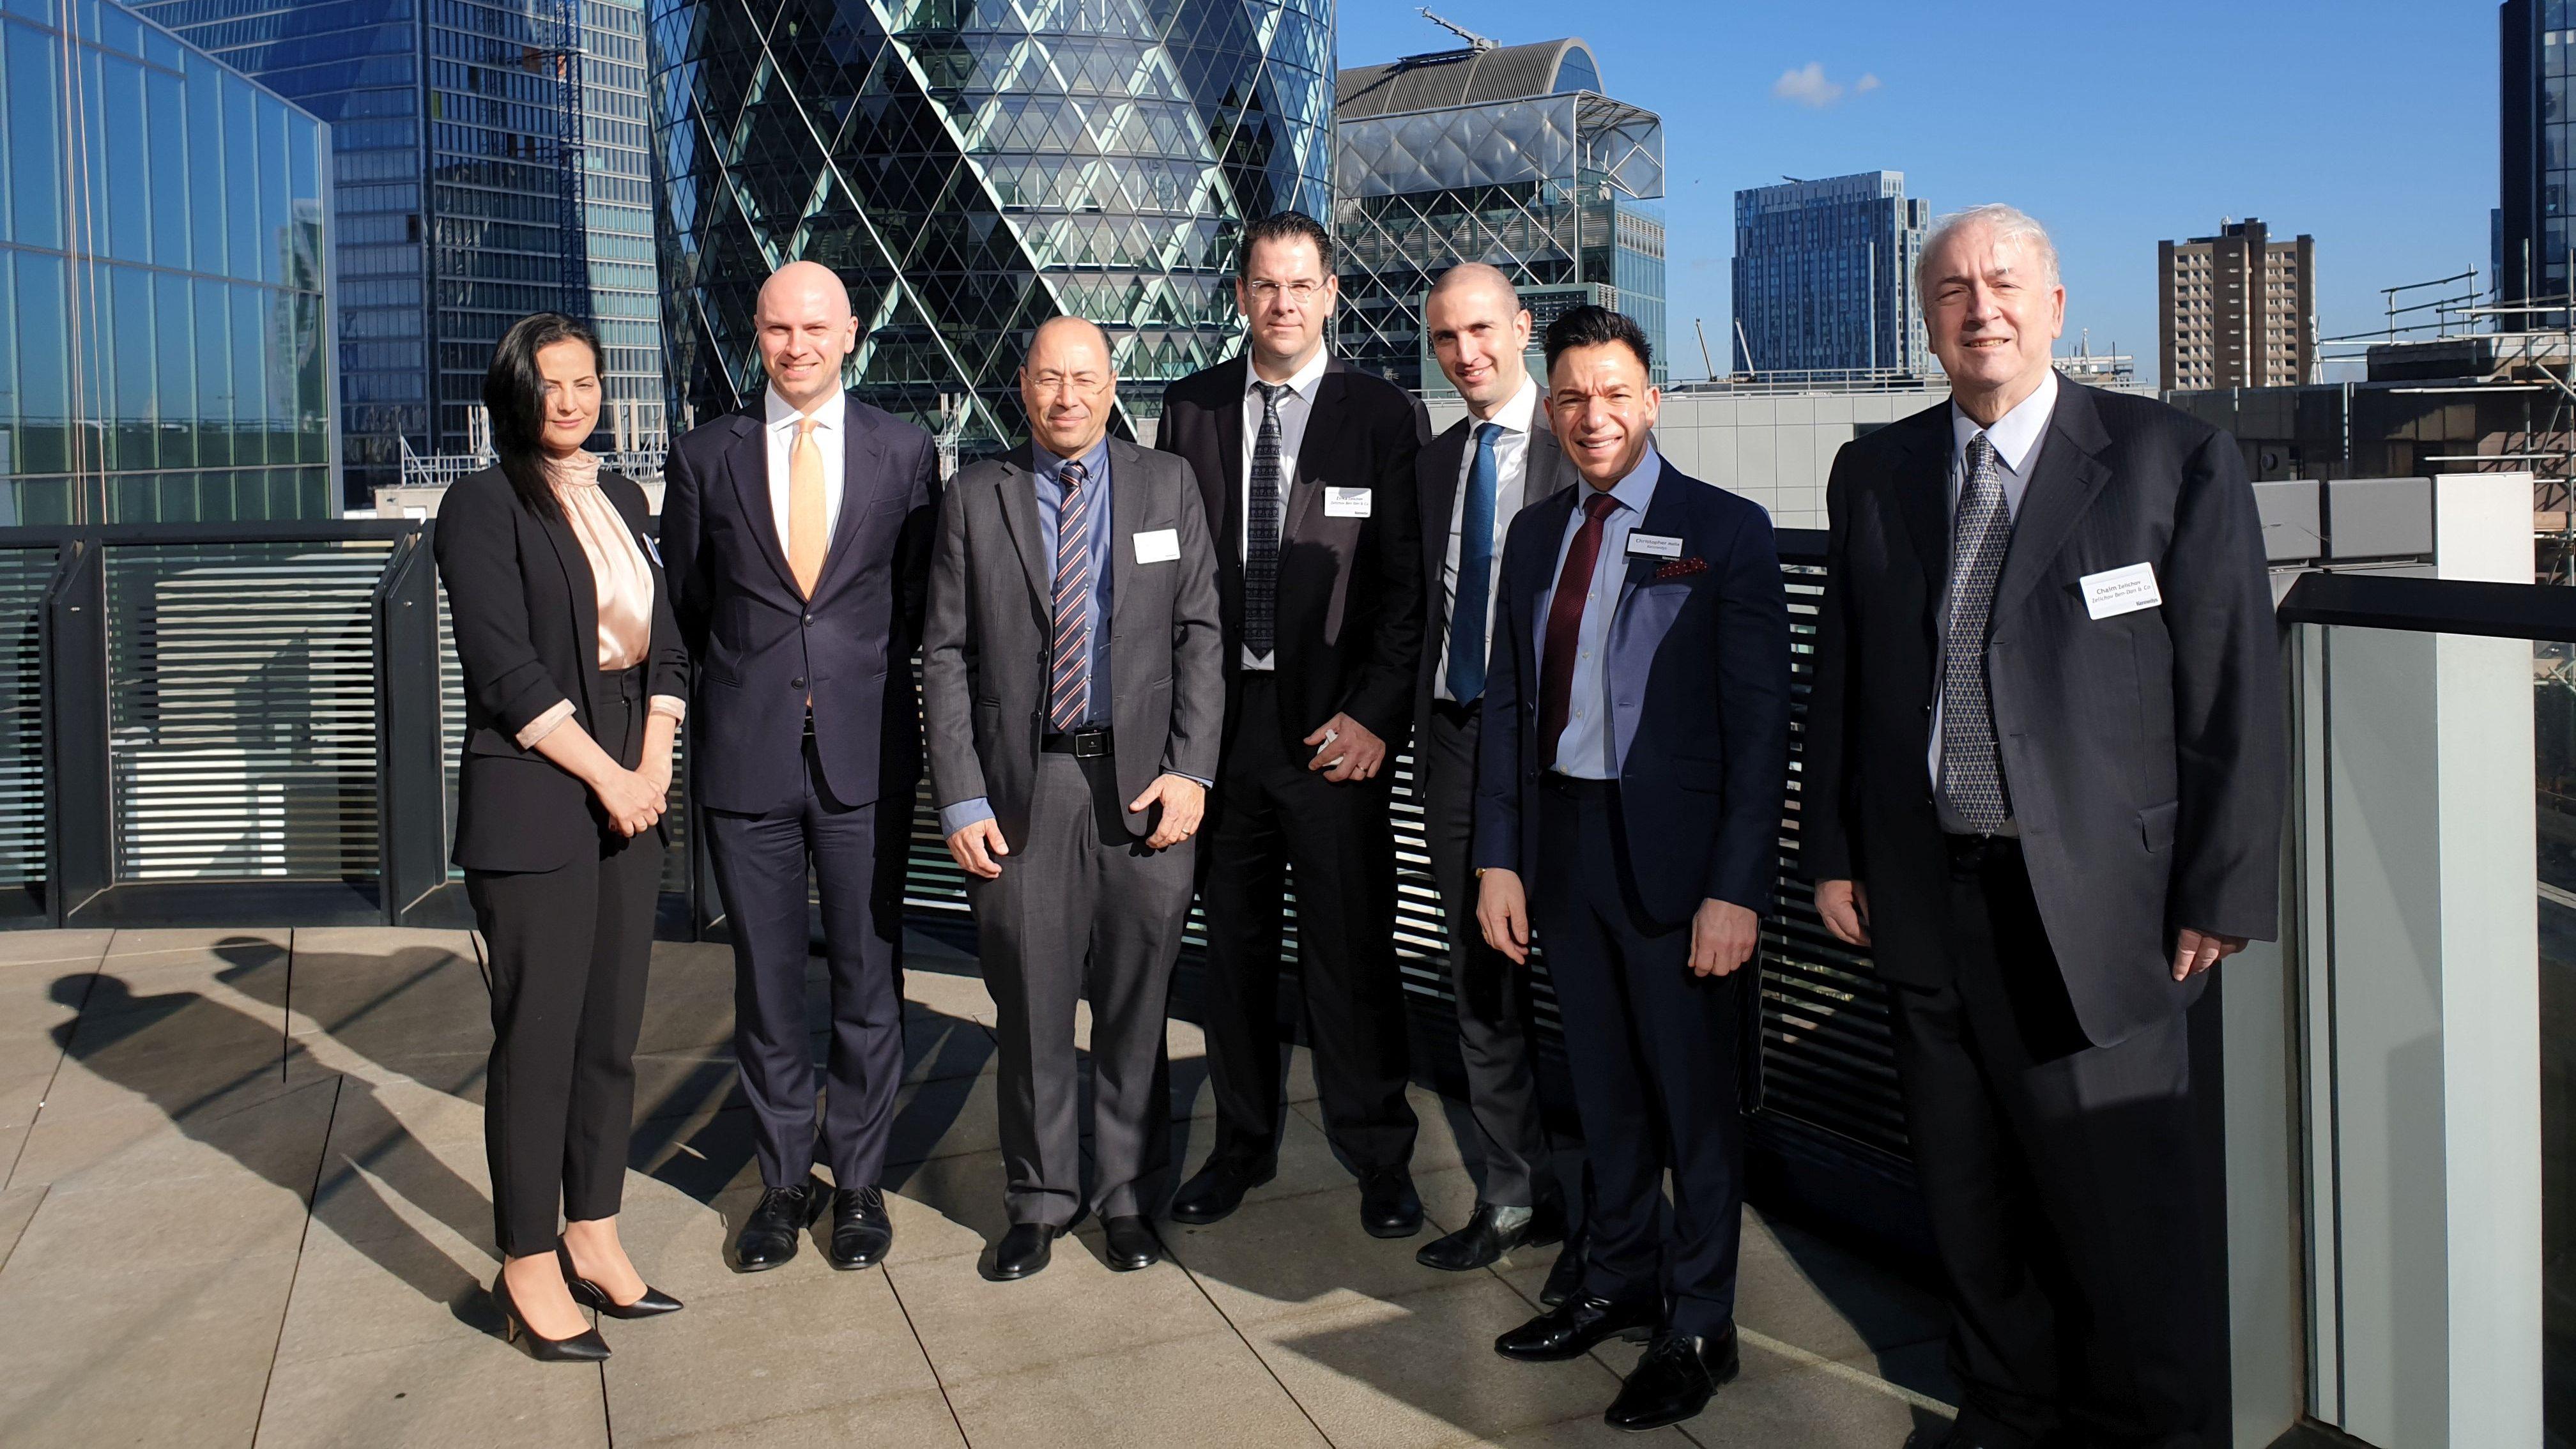 זליכוב, בן-דן ושות' ומשרד Kennedys ערכו יום עיון ראשון לשוק הביטוח בלונדון